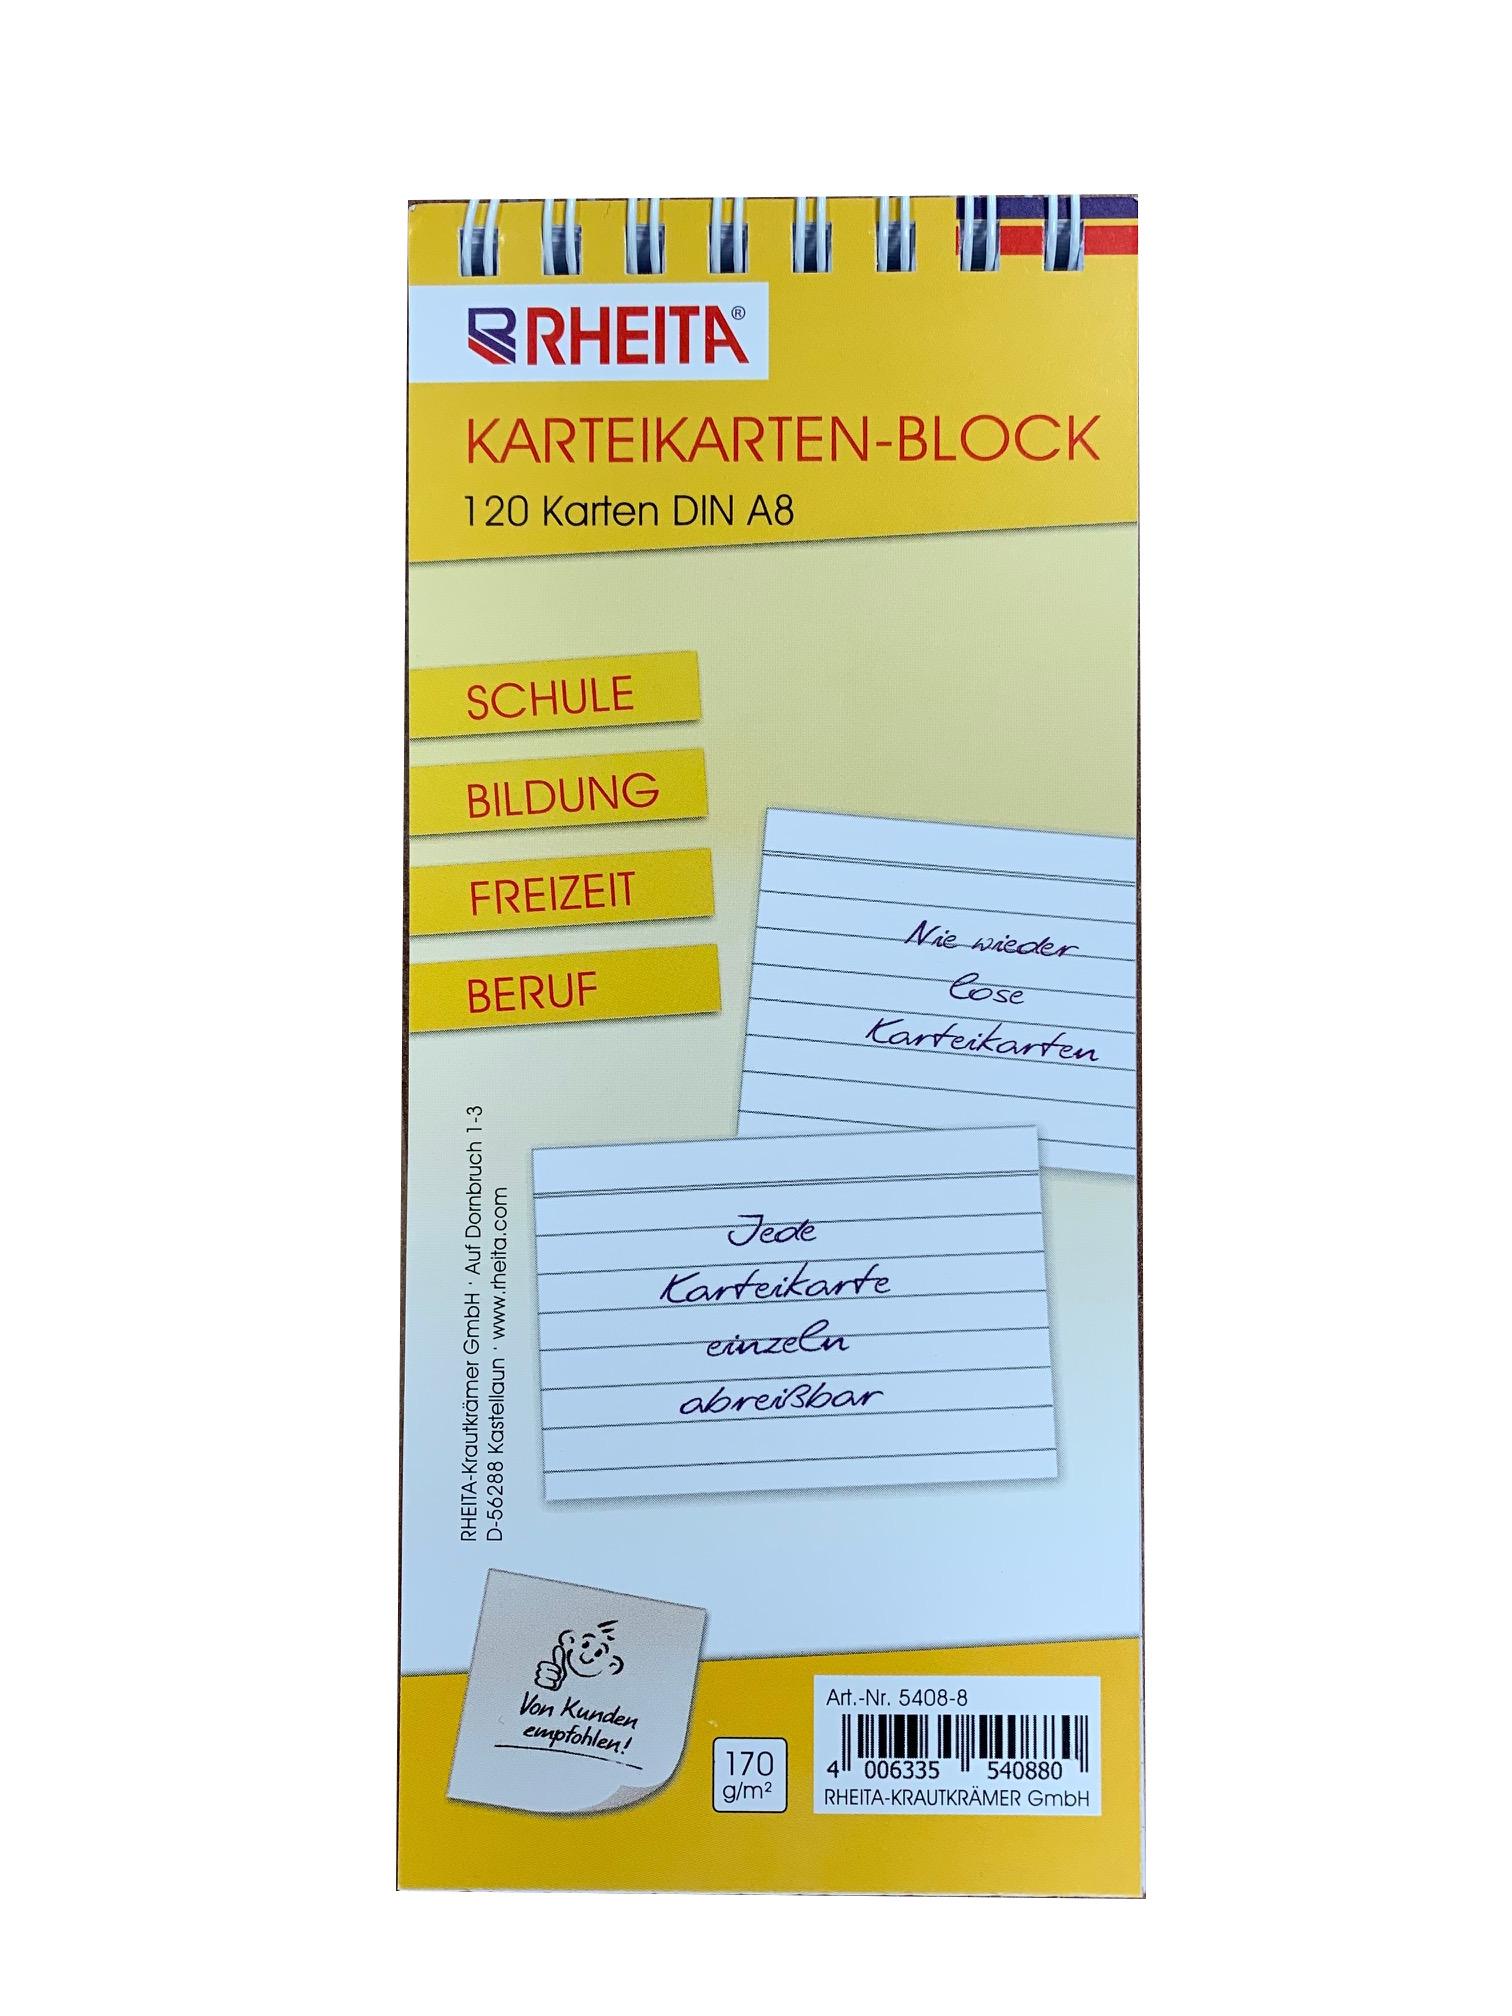 Vorschau: Karteikarten-Block liniert DIN A8 mit 120 Karten 170g/m² ideal für Schule Bildung Freizeit u. Beruf